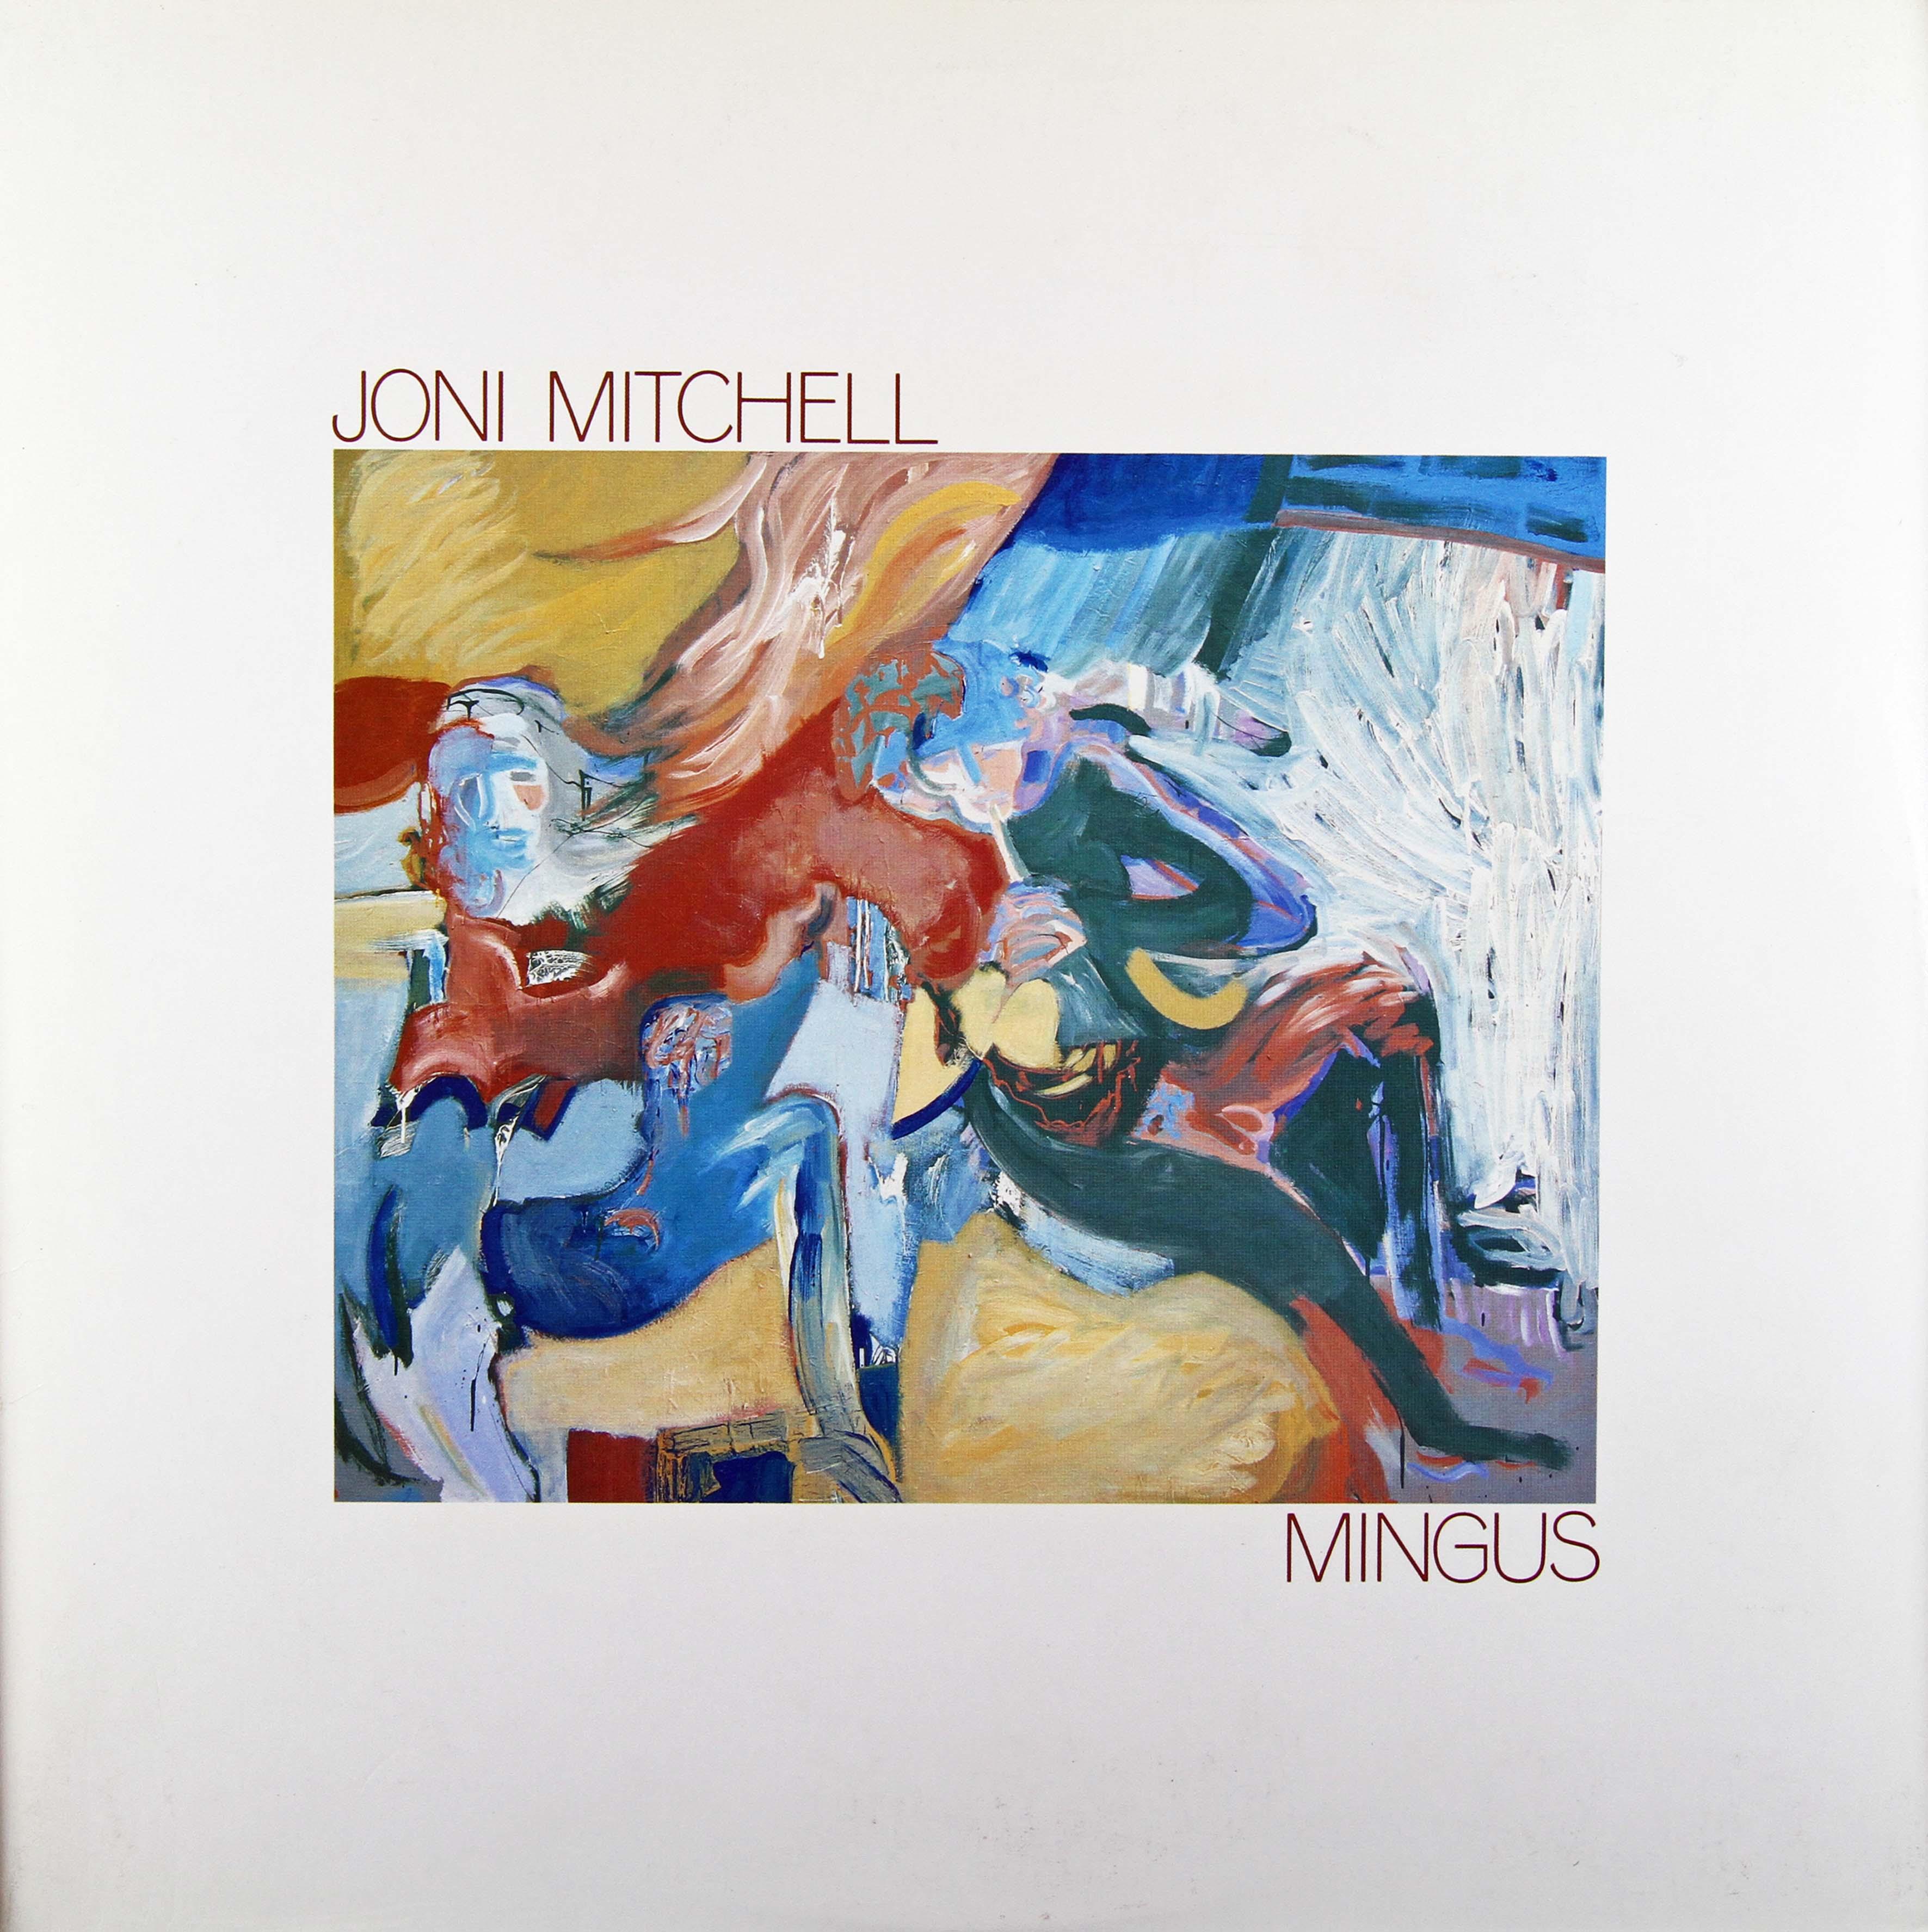 Mingus, Joni Mitchell